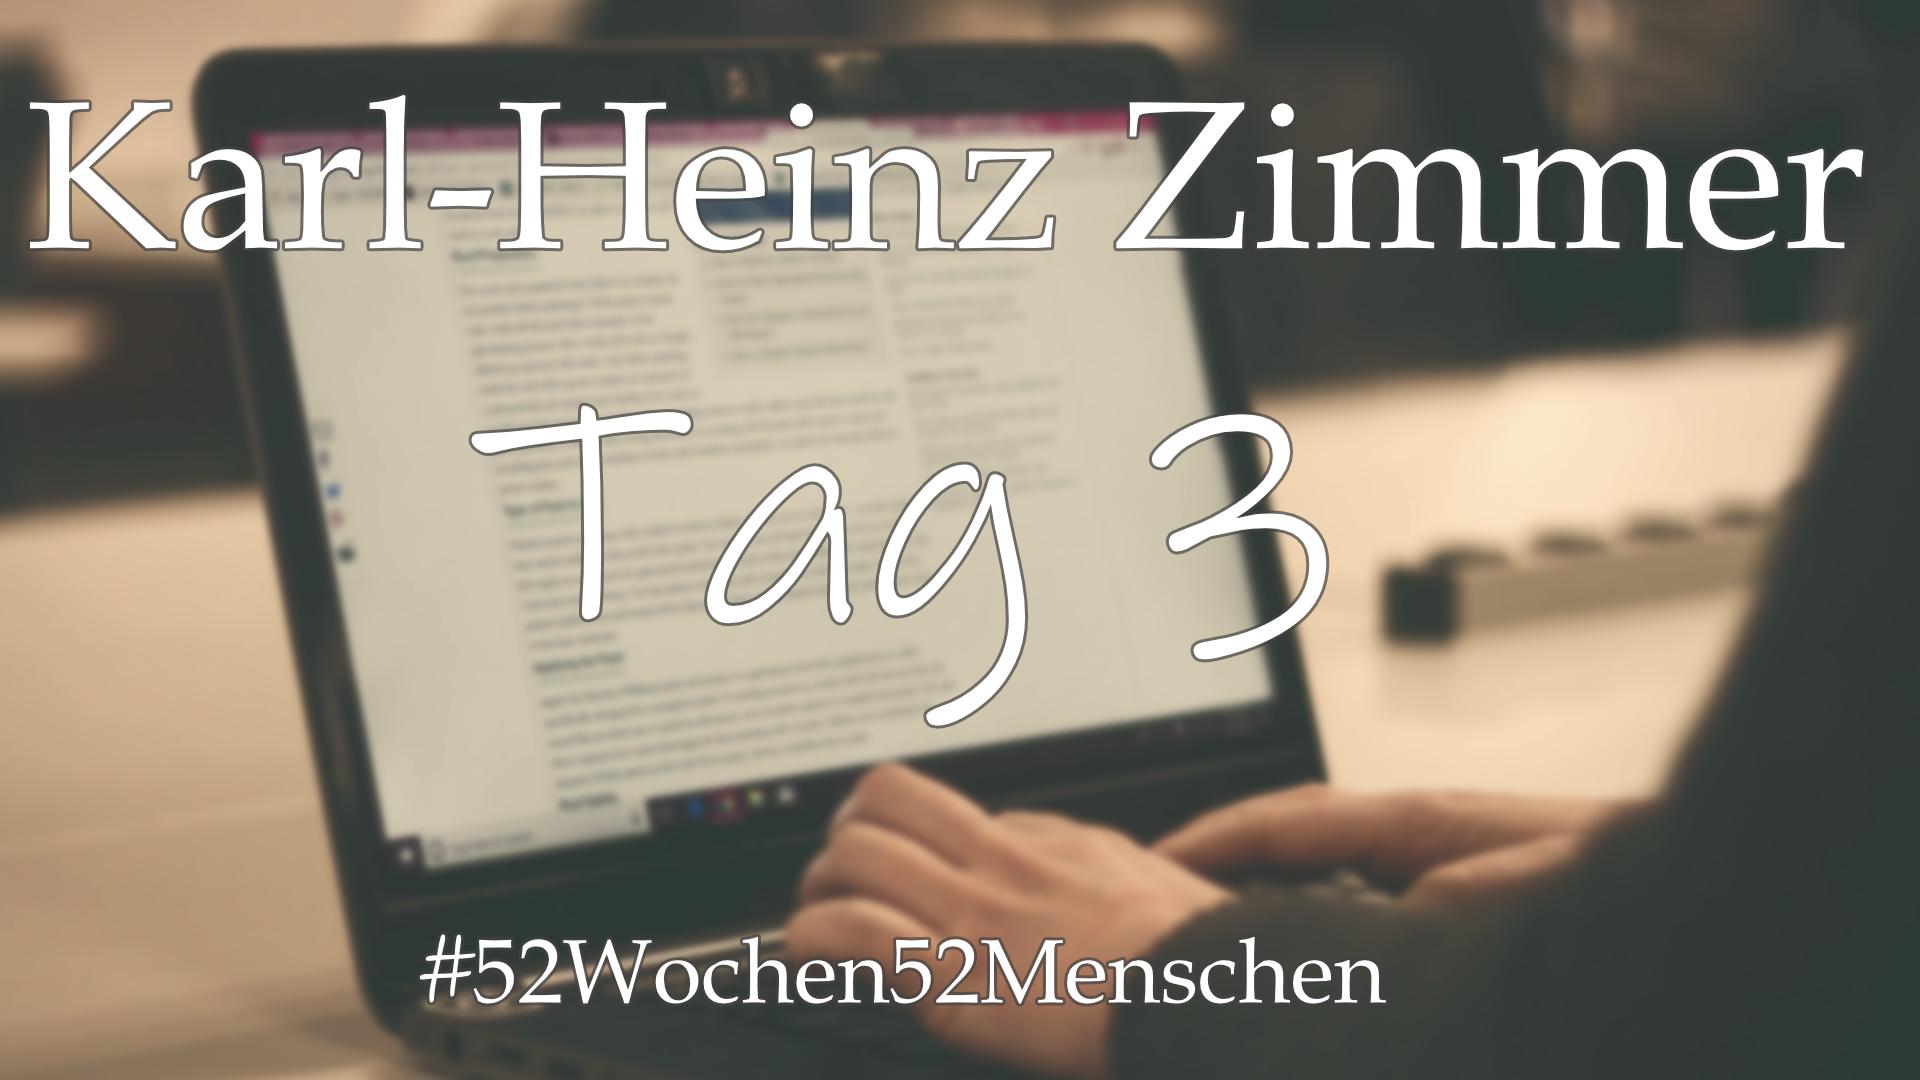 #52Wochen52Menschen: KW3 – Karl-Heinz Zimmer & SPBuchsatz – Tag 3